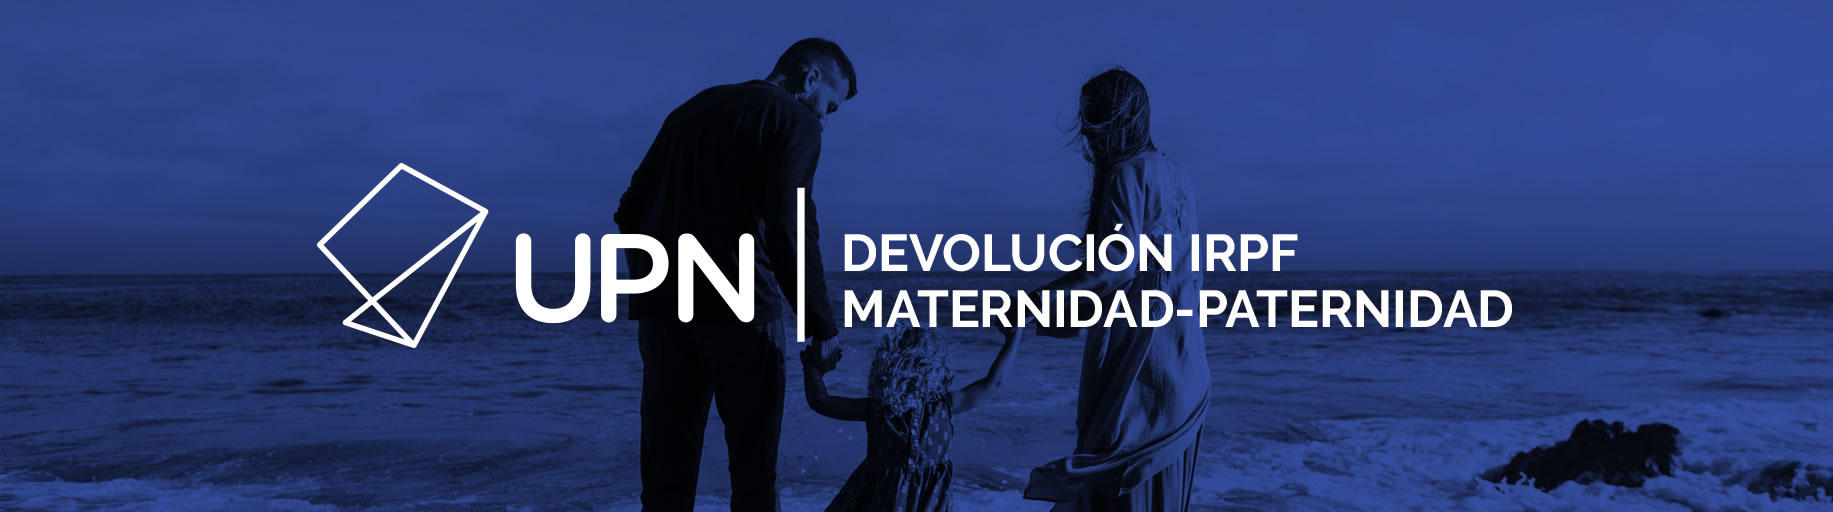 DEVOLUCIÓN IRPF MATERNIDAD-PATERNIDAD